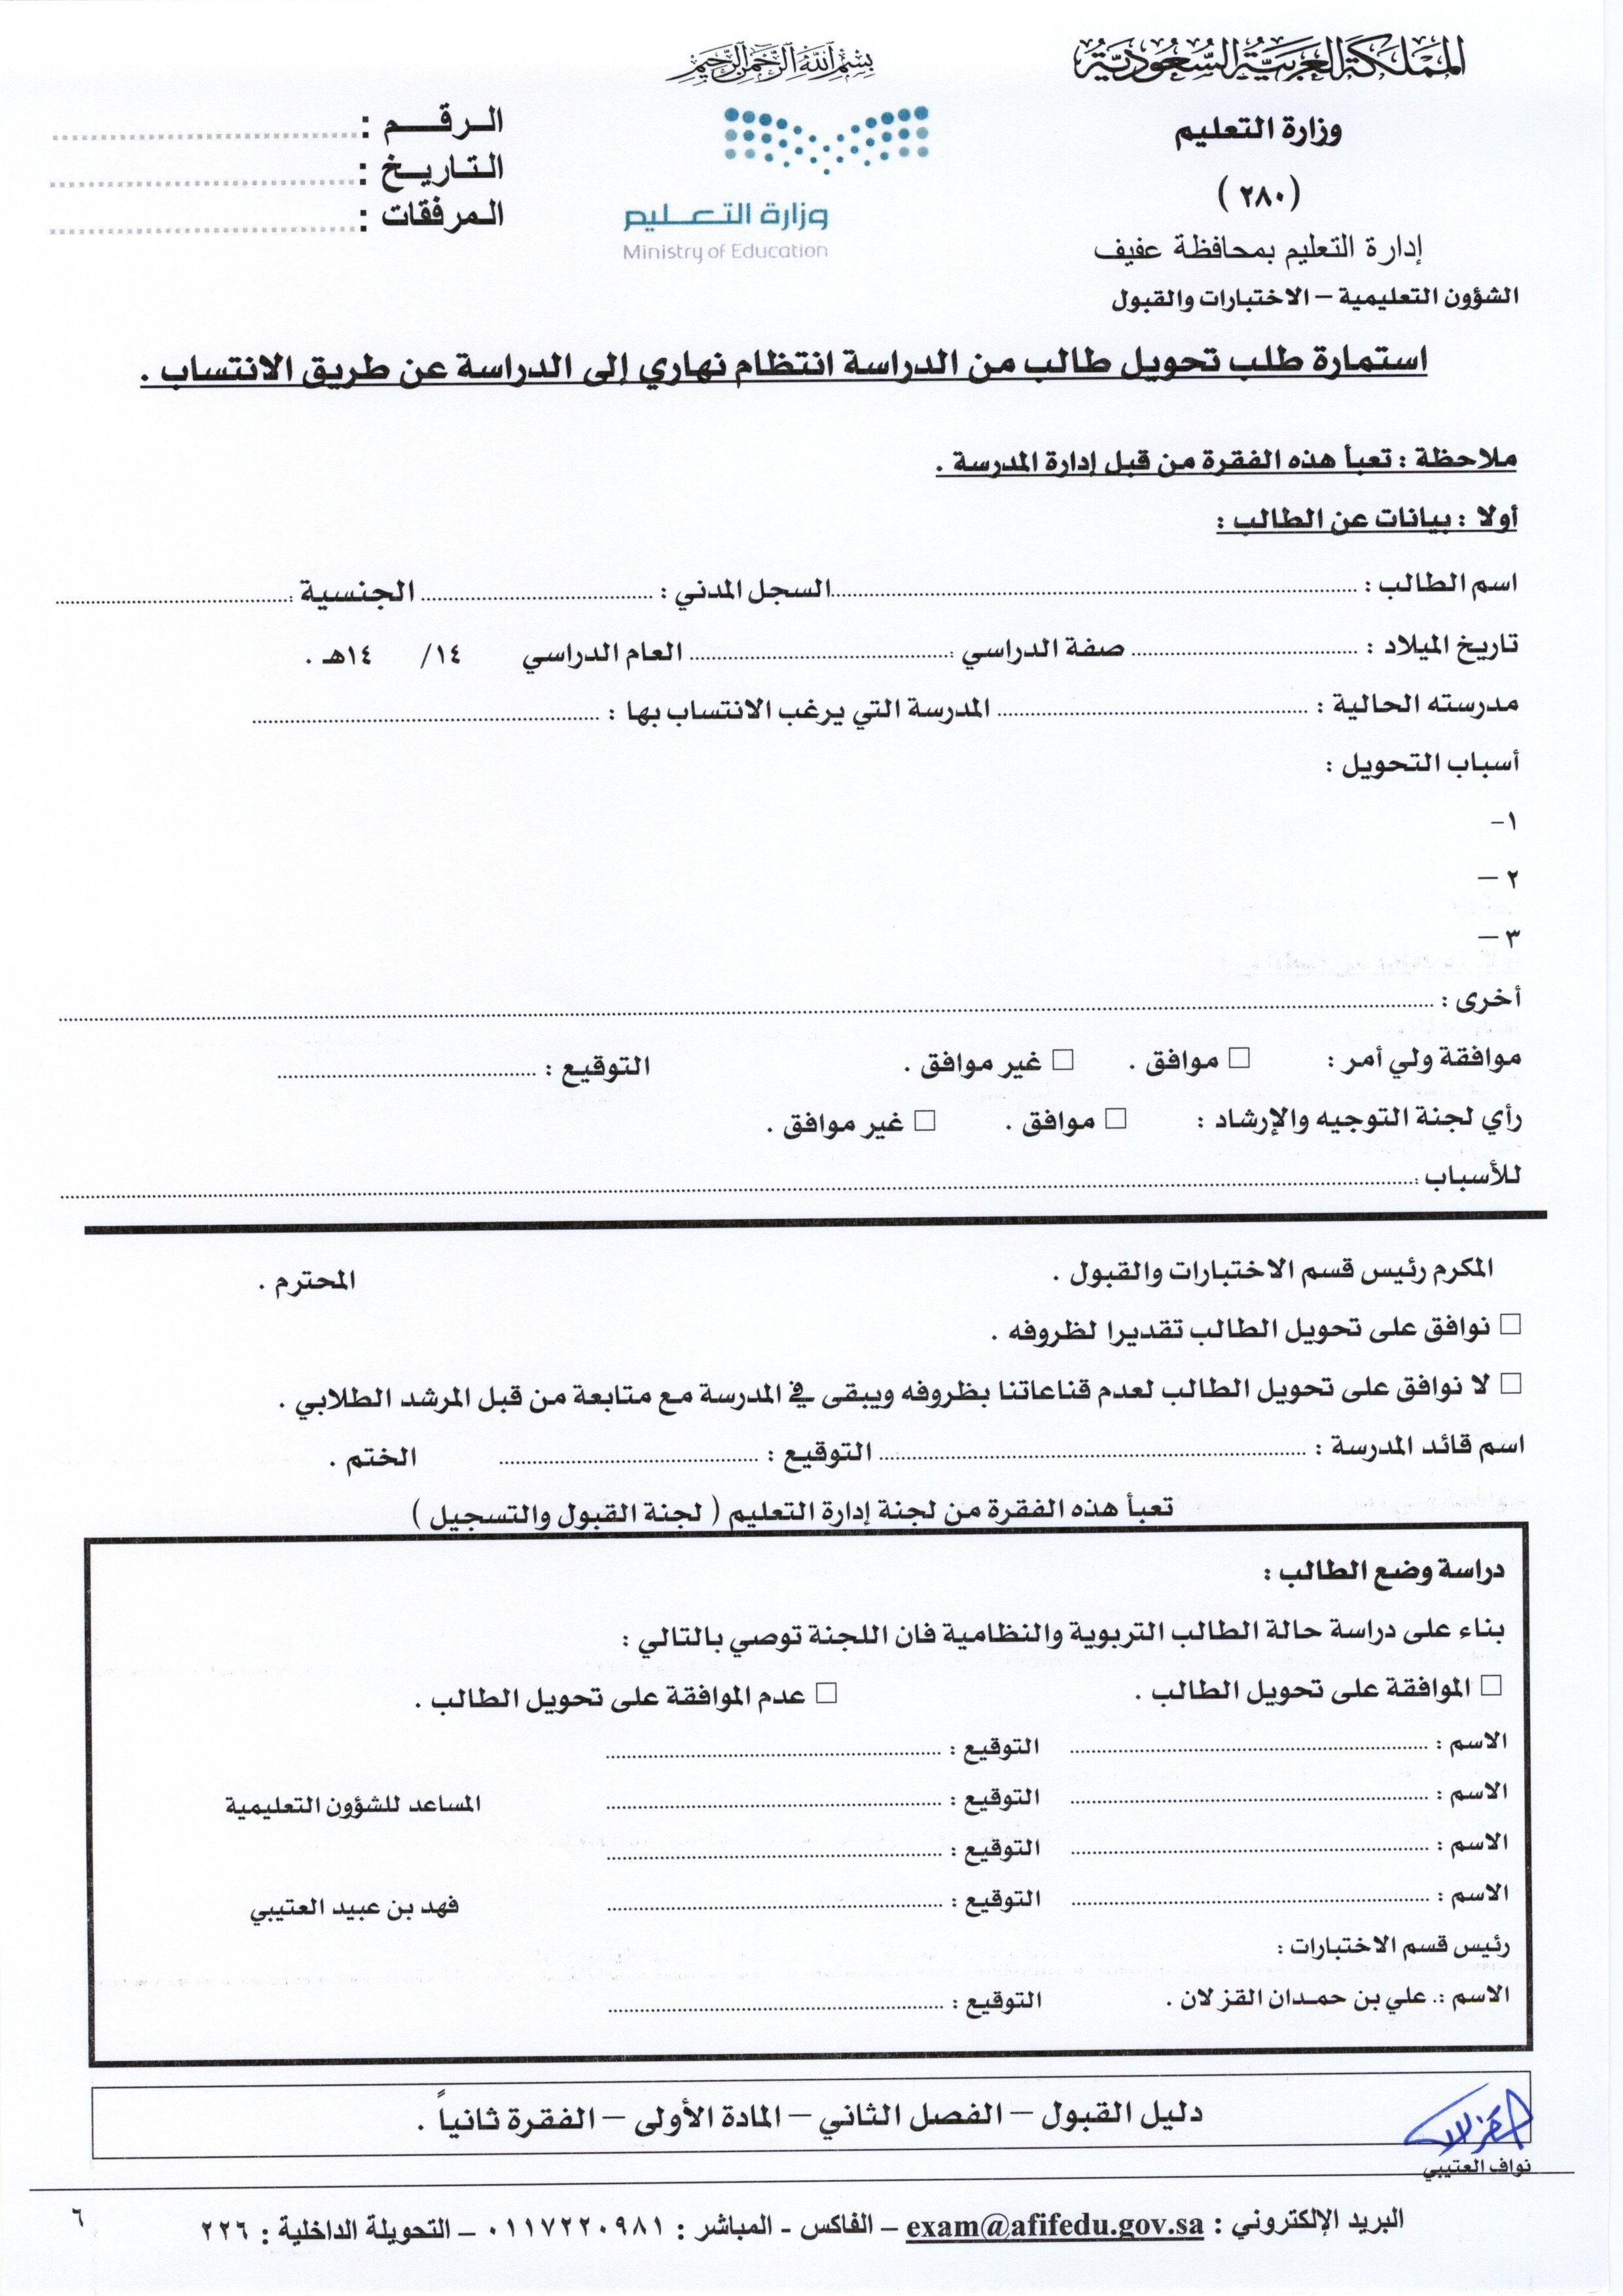 استمارة نقل طالبة من مدرسة الى اخرى